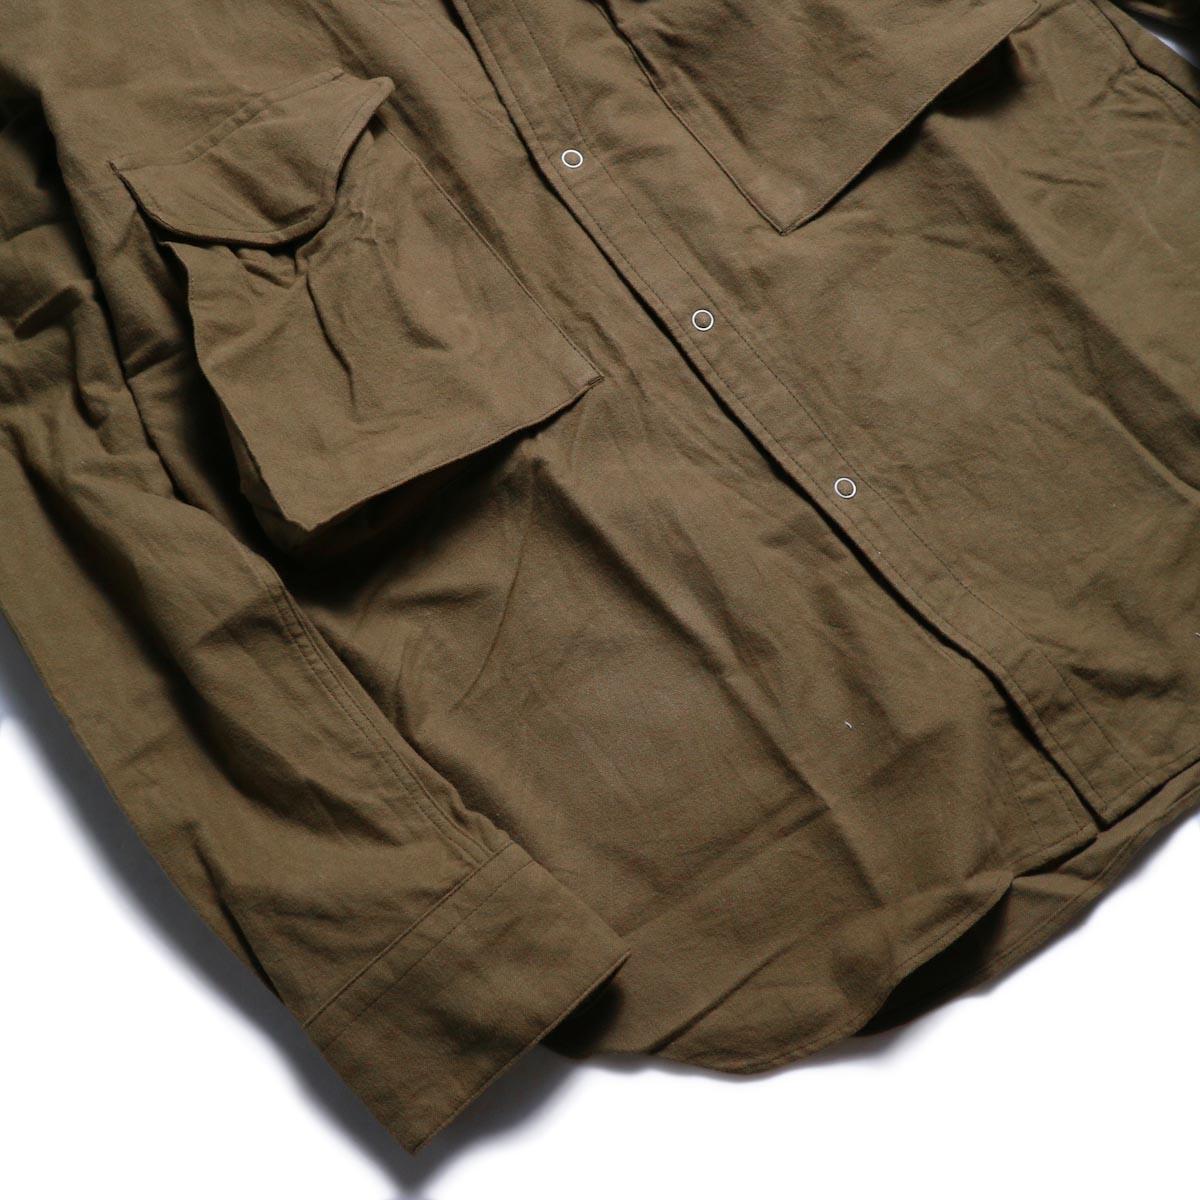 nonnative / CARPENTER SHIRT JACKET COTTON FLANNEL -Beige 裾